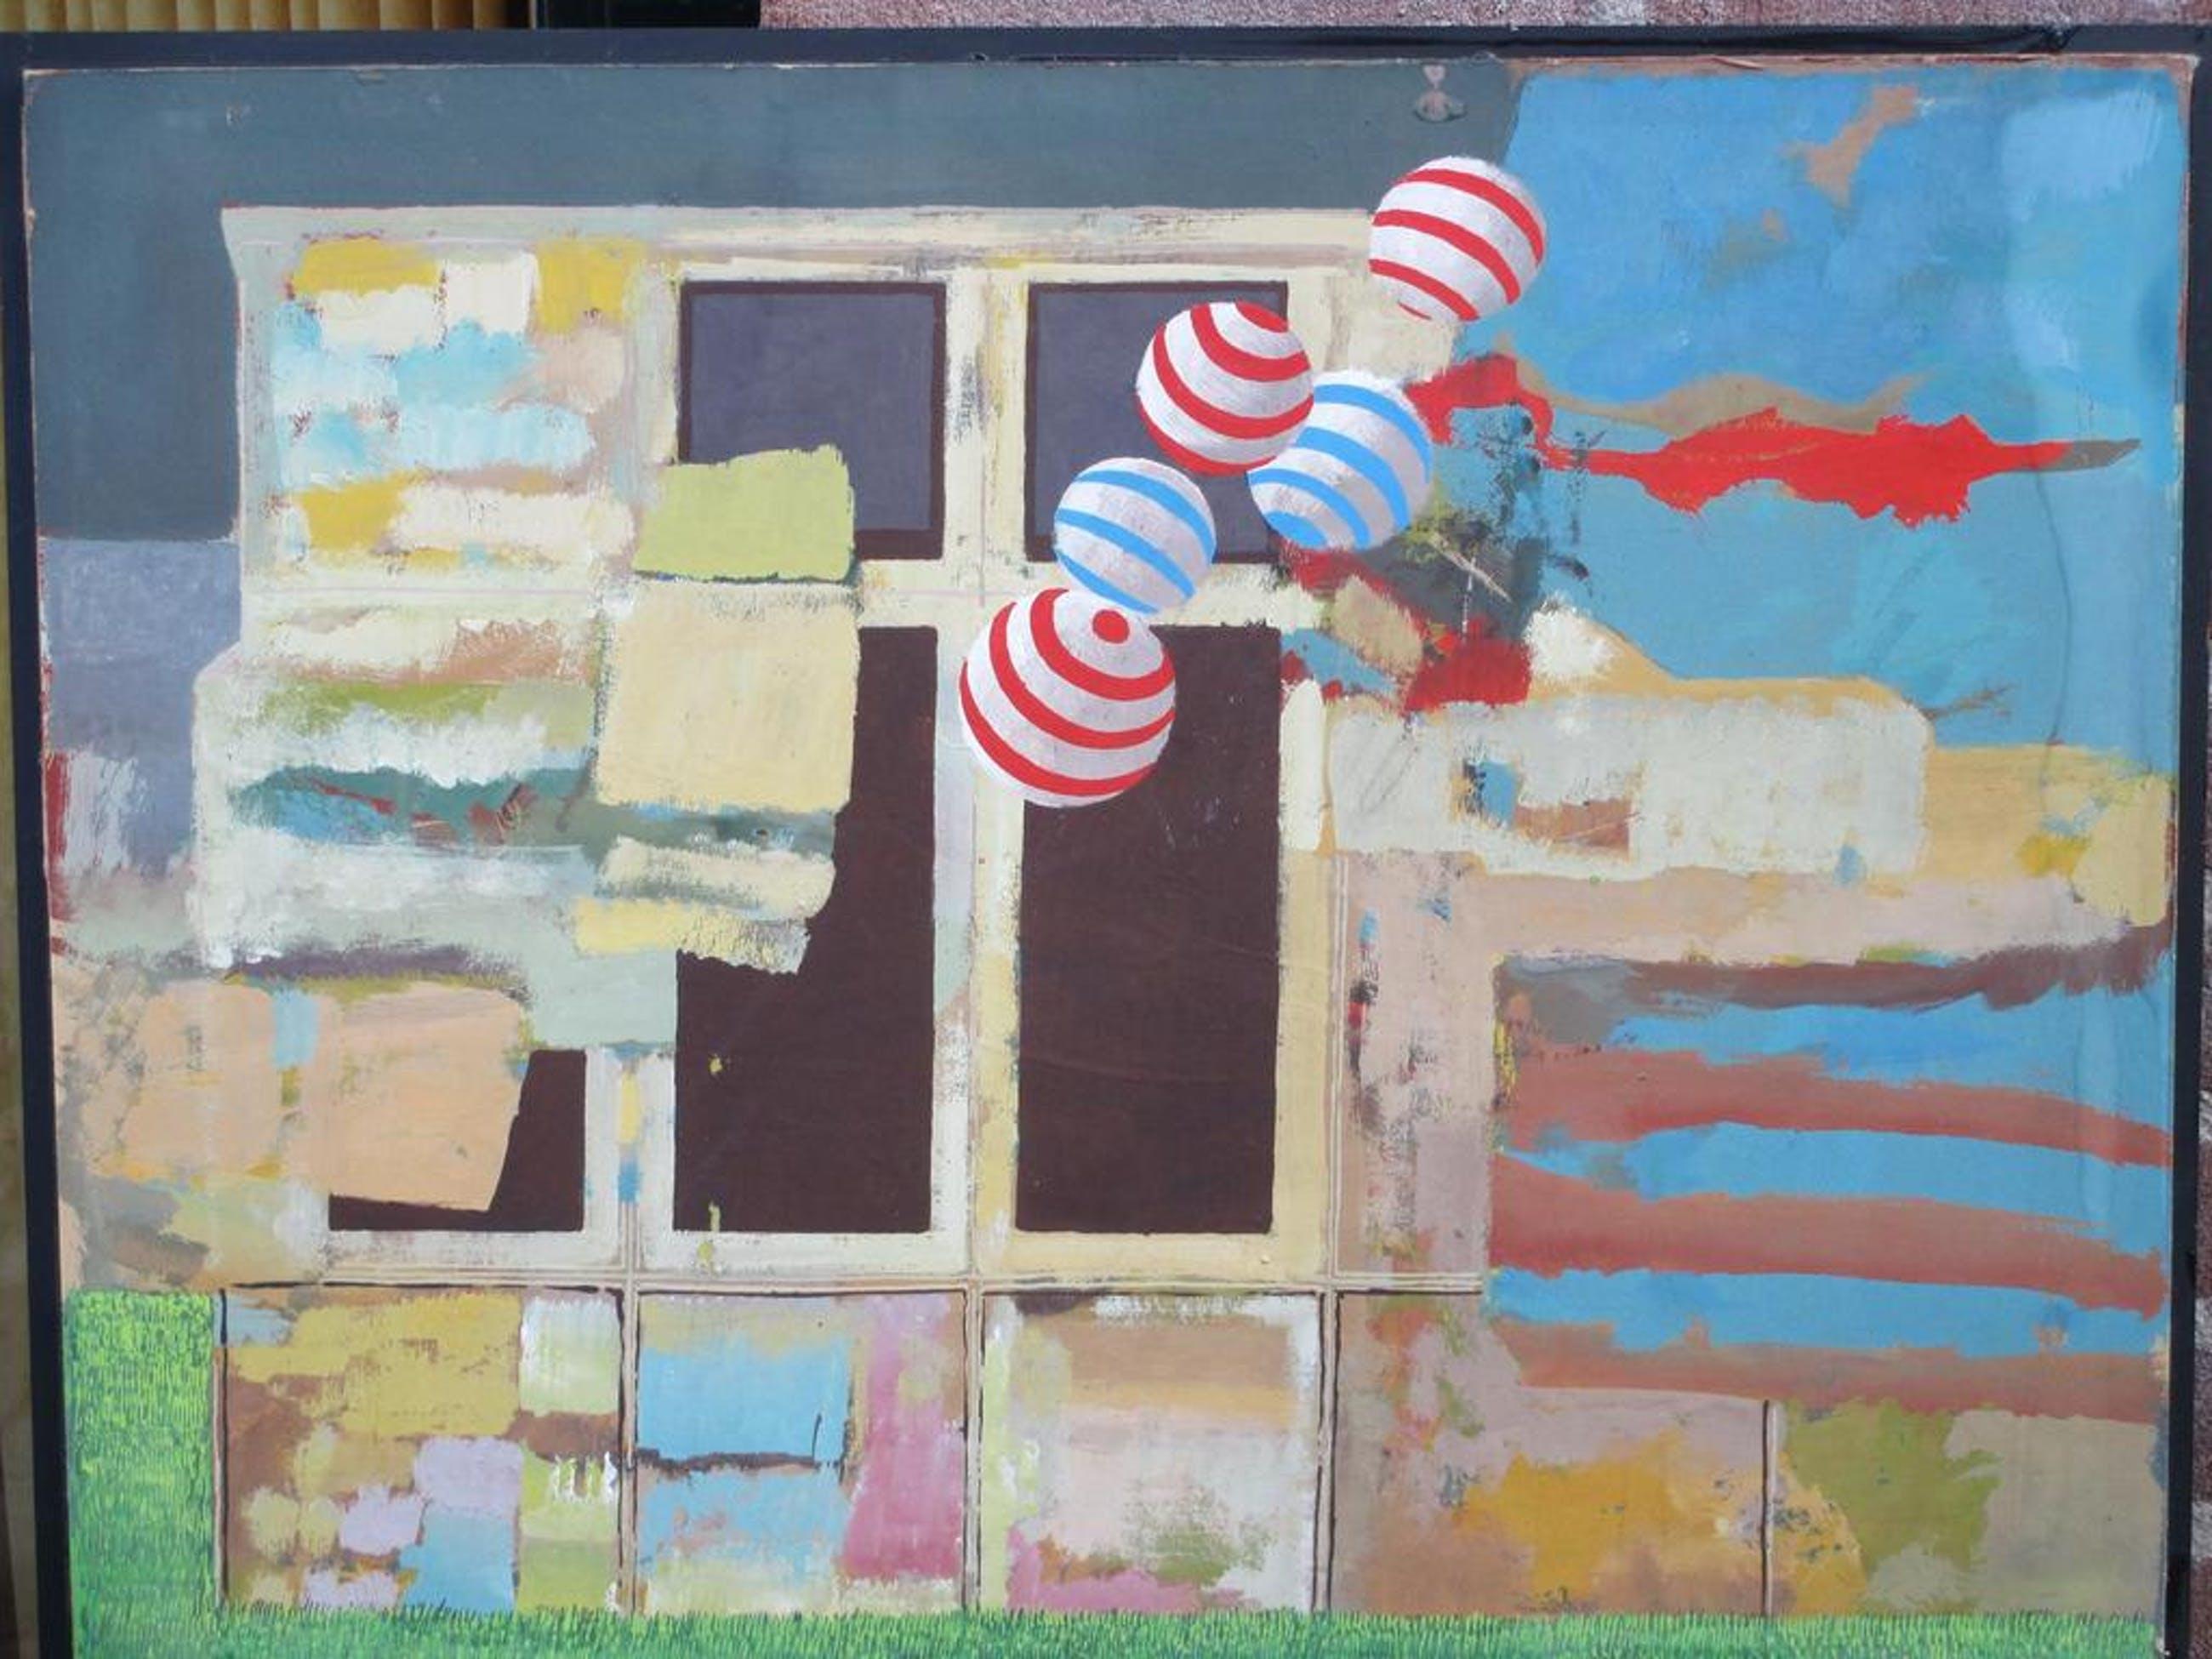 C. van Dul?, Abstracte Compositie met ballen, Olie/papier/board kopen? Bied vanaf 35!